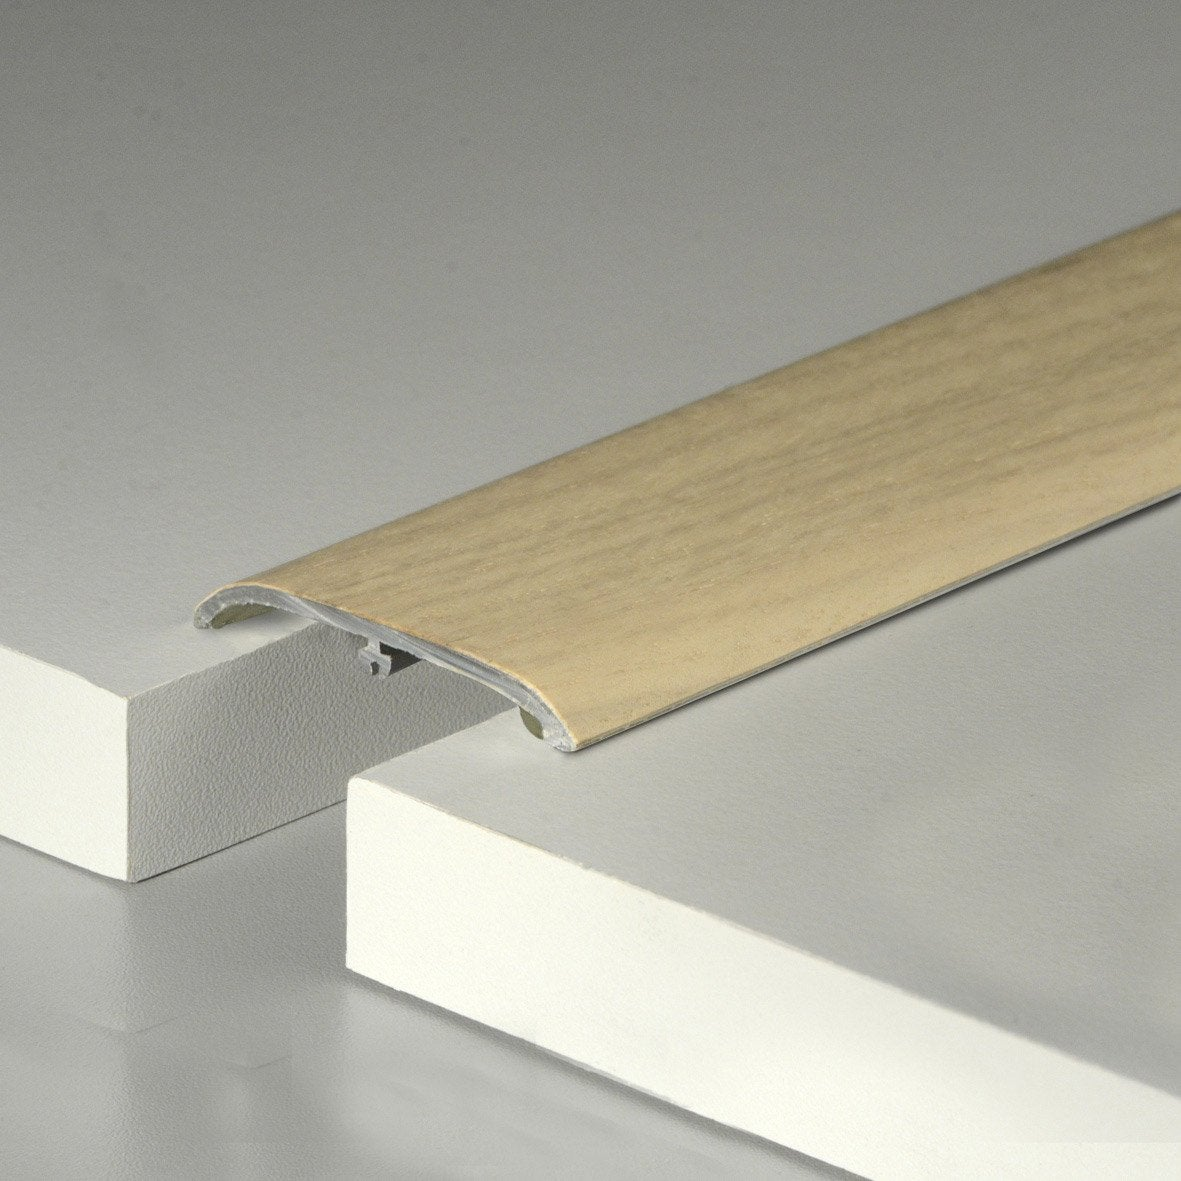 barre de seuil plaqu e ch ne naturel pour parquet cm x mm leroy merlin. Black Bedroom Furniture Sets. Home Design Ideas